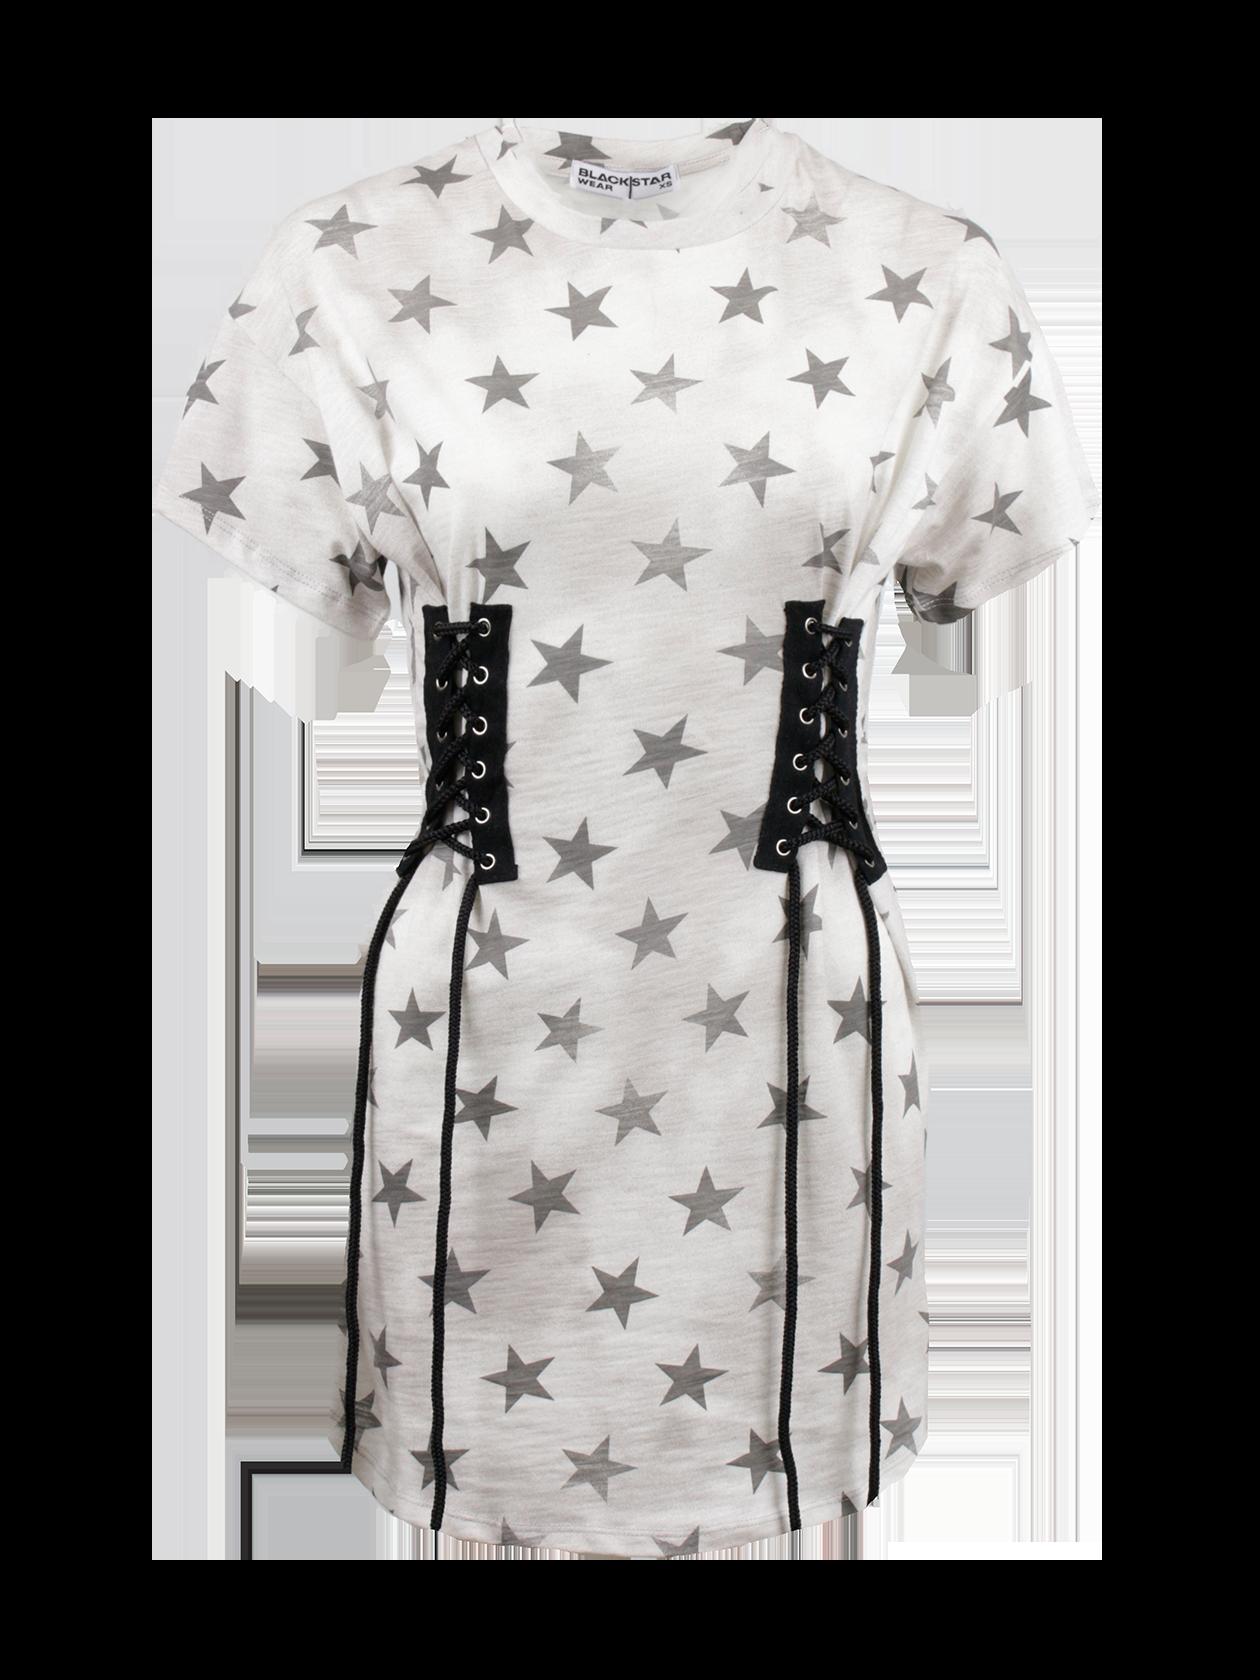 Платье женское CORSET STARЭффектное женское платьеCORSET STAR из коллекции Black Star Wear. Стильная модель свободного кроя с округлой горловиной и коротким просторным рукавом. На талии с обеих сторон изделие декорировано шнуровкой в виде корсета, что позволяет регулировать фасон и делать силуэт более приталенным. Еще большую женственность данного платья подчеркивает средняя длина и низ овального кроя. Привлекательный и стильный звездный окрас, ставший трендом этого сезона и отличительной чертой новой коллекции Black Star не оставит без внимания и подчеркнет индивидуальность обладательницы. Высококачественный 100 % хлопок создаст неповторимый комфорт при носке. Модель представлена в приятном сером оттенке.<br><br>Размер: S<br>Цвет: Серый<br>Пол: Женский